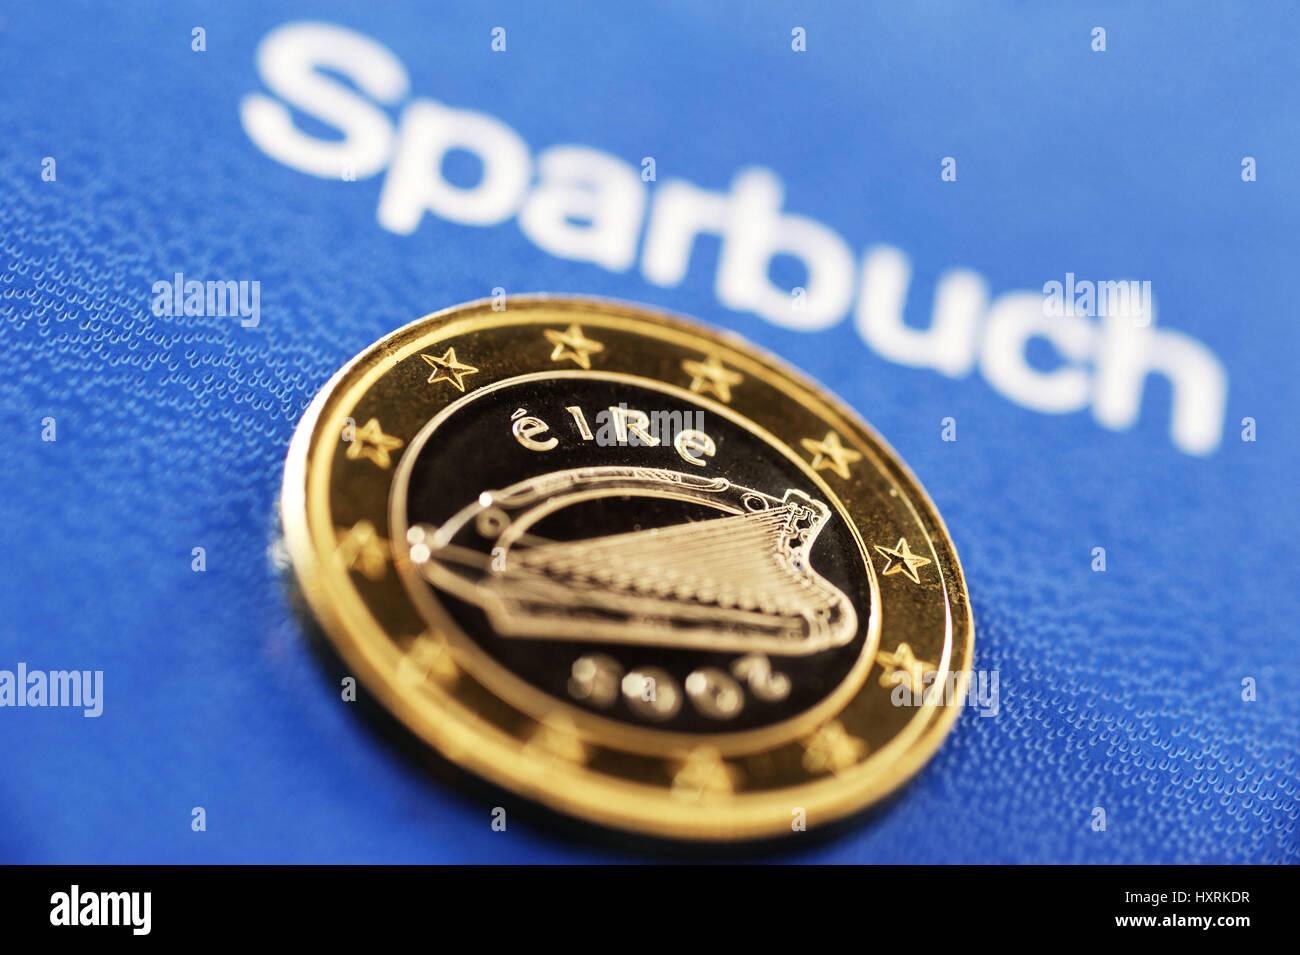 Irish euro-coin one and savings book, state crisis Ireland, Irische Ein-Euro-Münze und Sparbuch, Staatskrise Irland Stock Photo